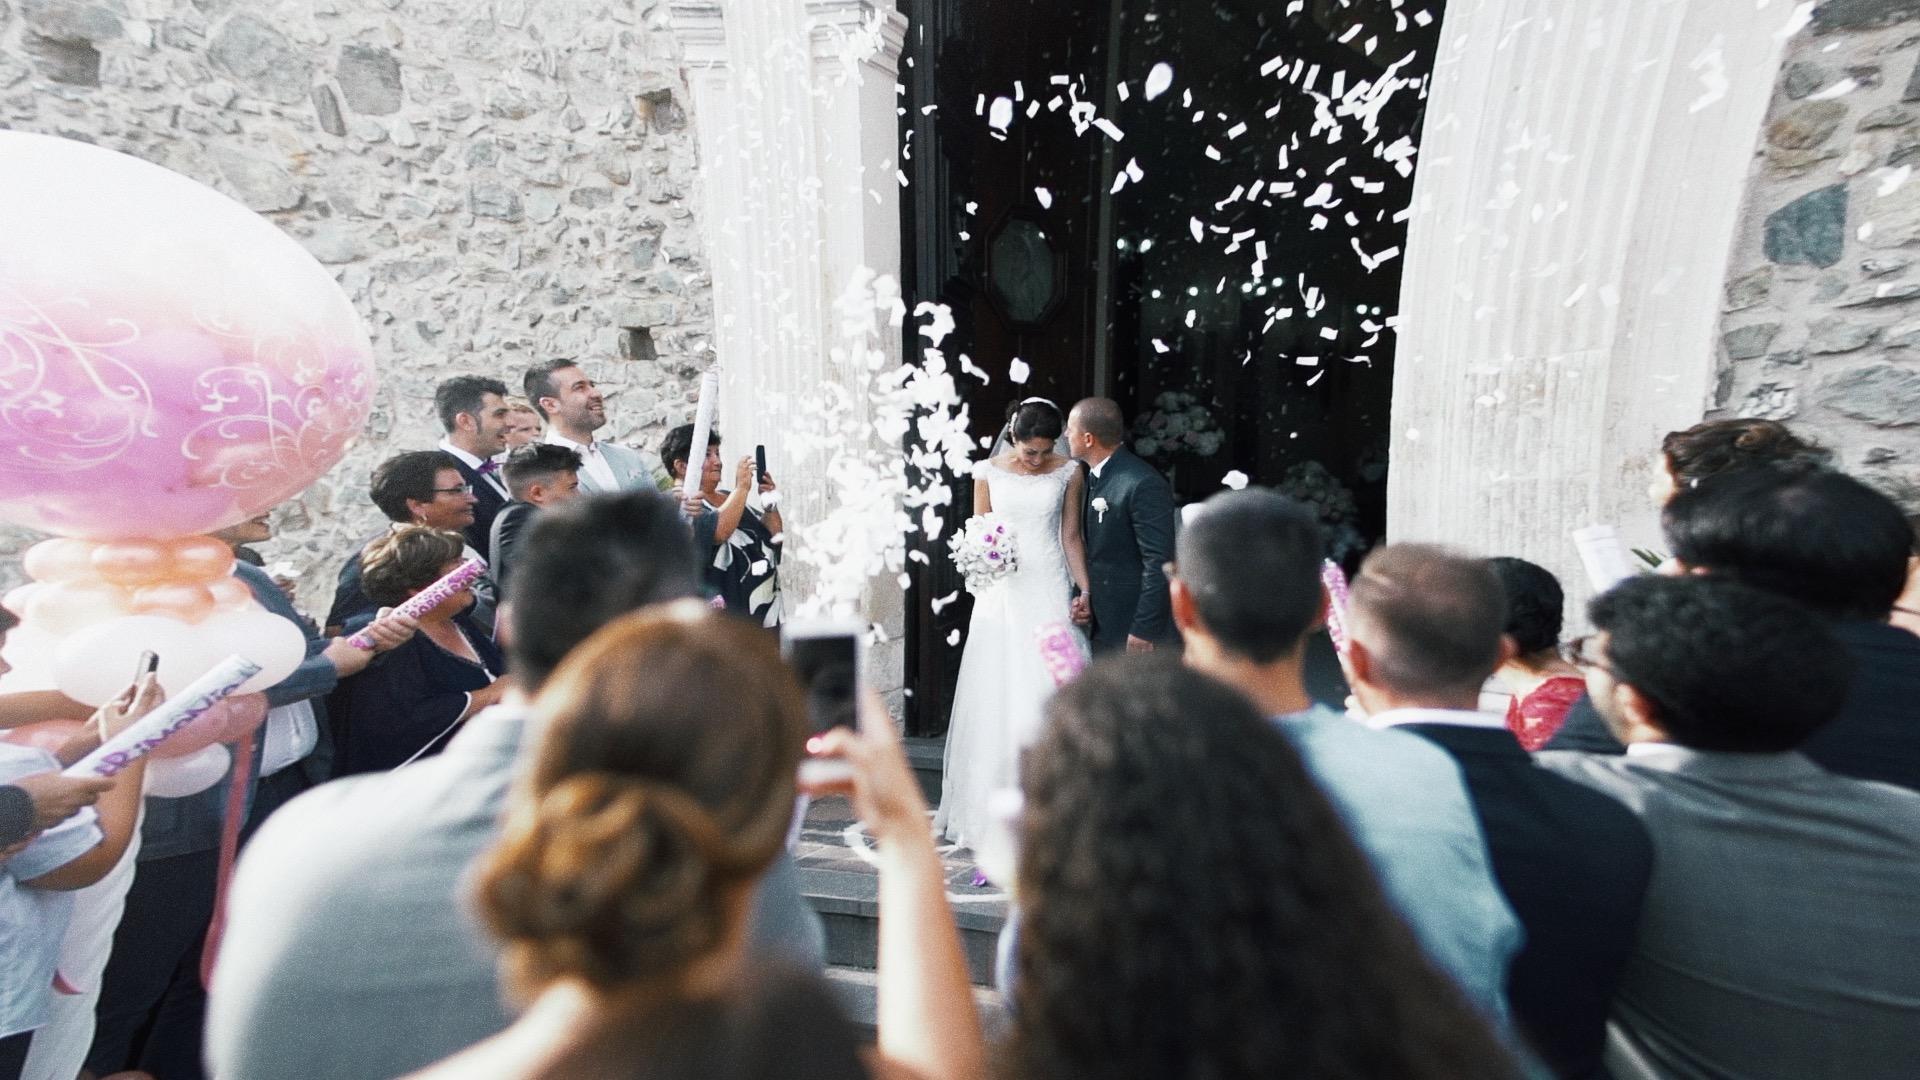 sposo e sposa abbracciati escono dal portone della chiesa e vengono inondati dal riso bianco lanciatogli da tutti gli invitati